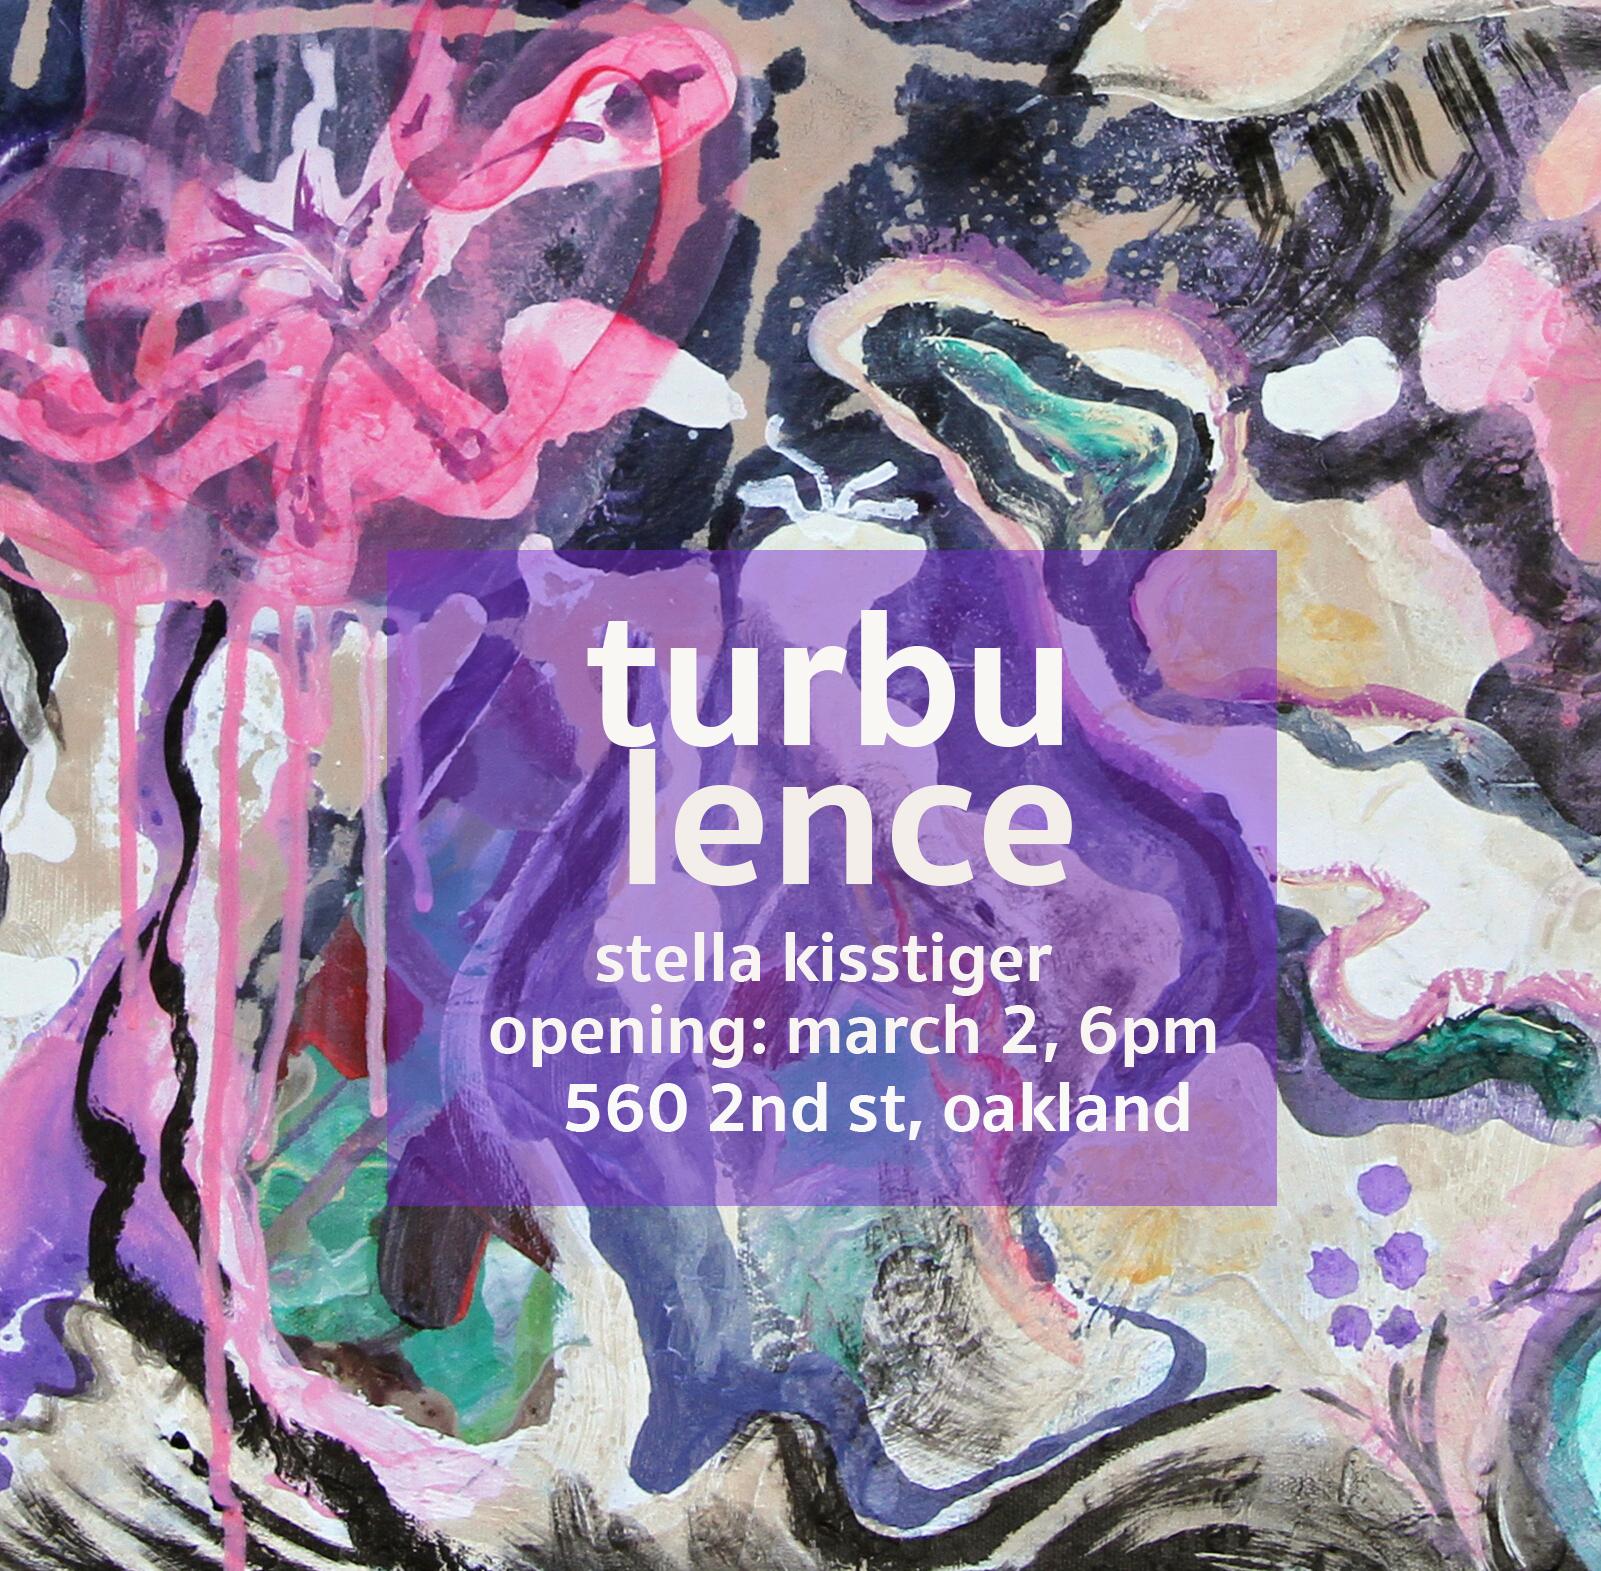 turbulence.jpg